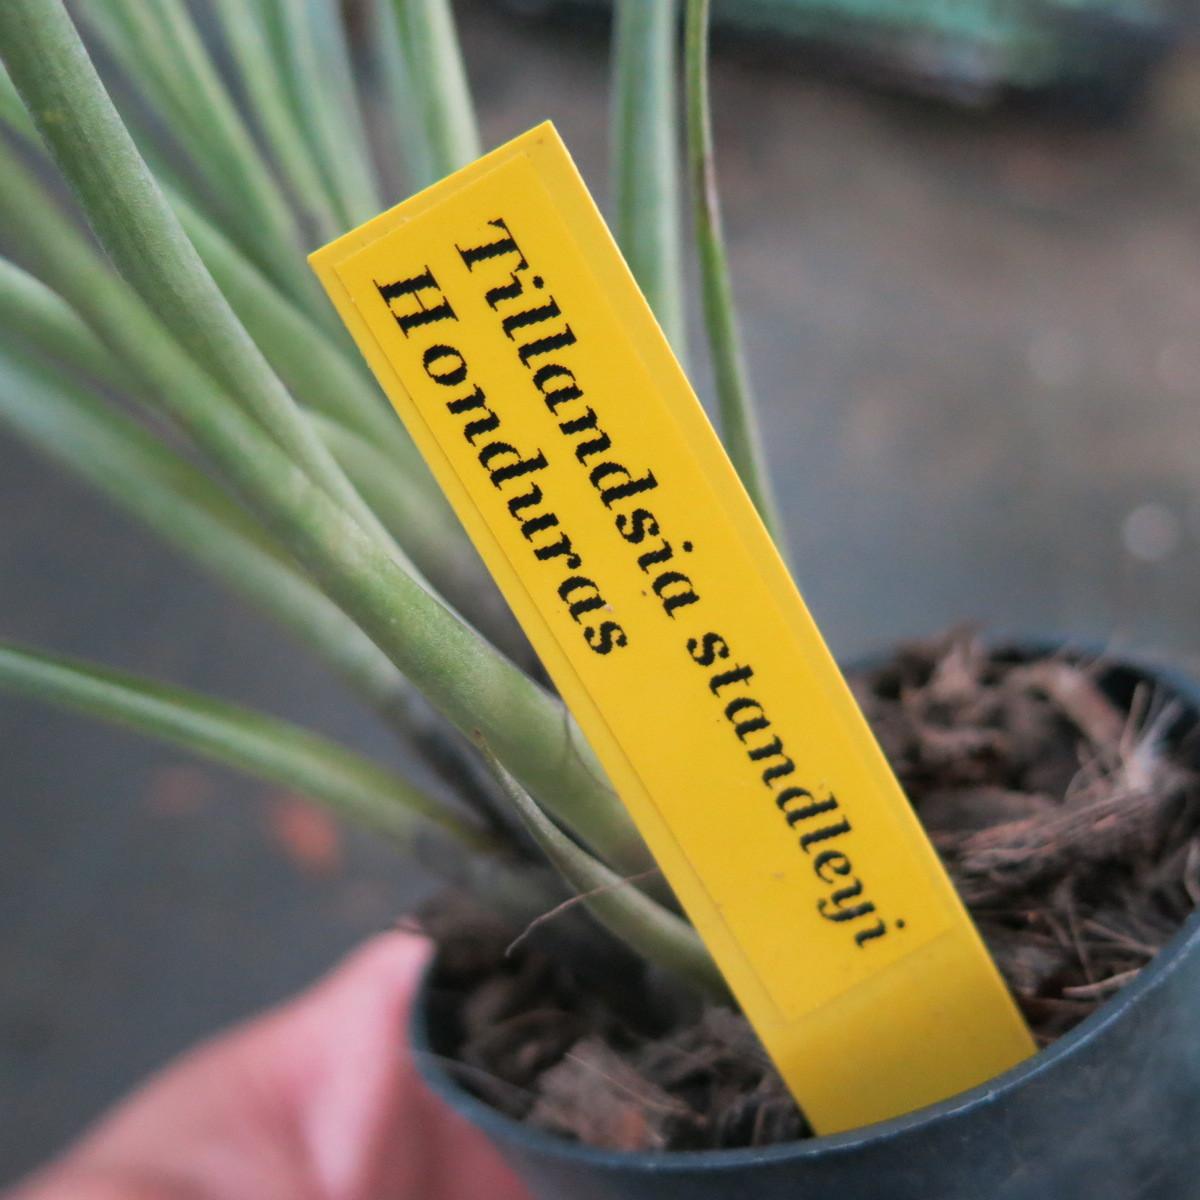 ティランジア コレクション Tillandsia standley ホンディュラス産_画像5